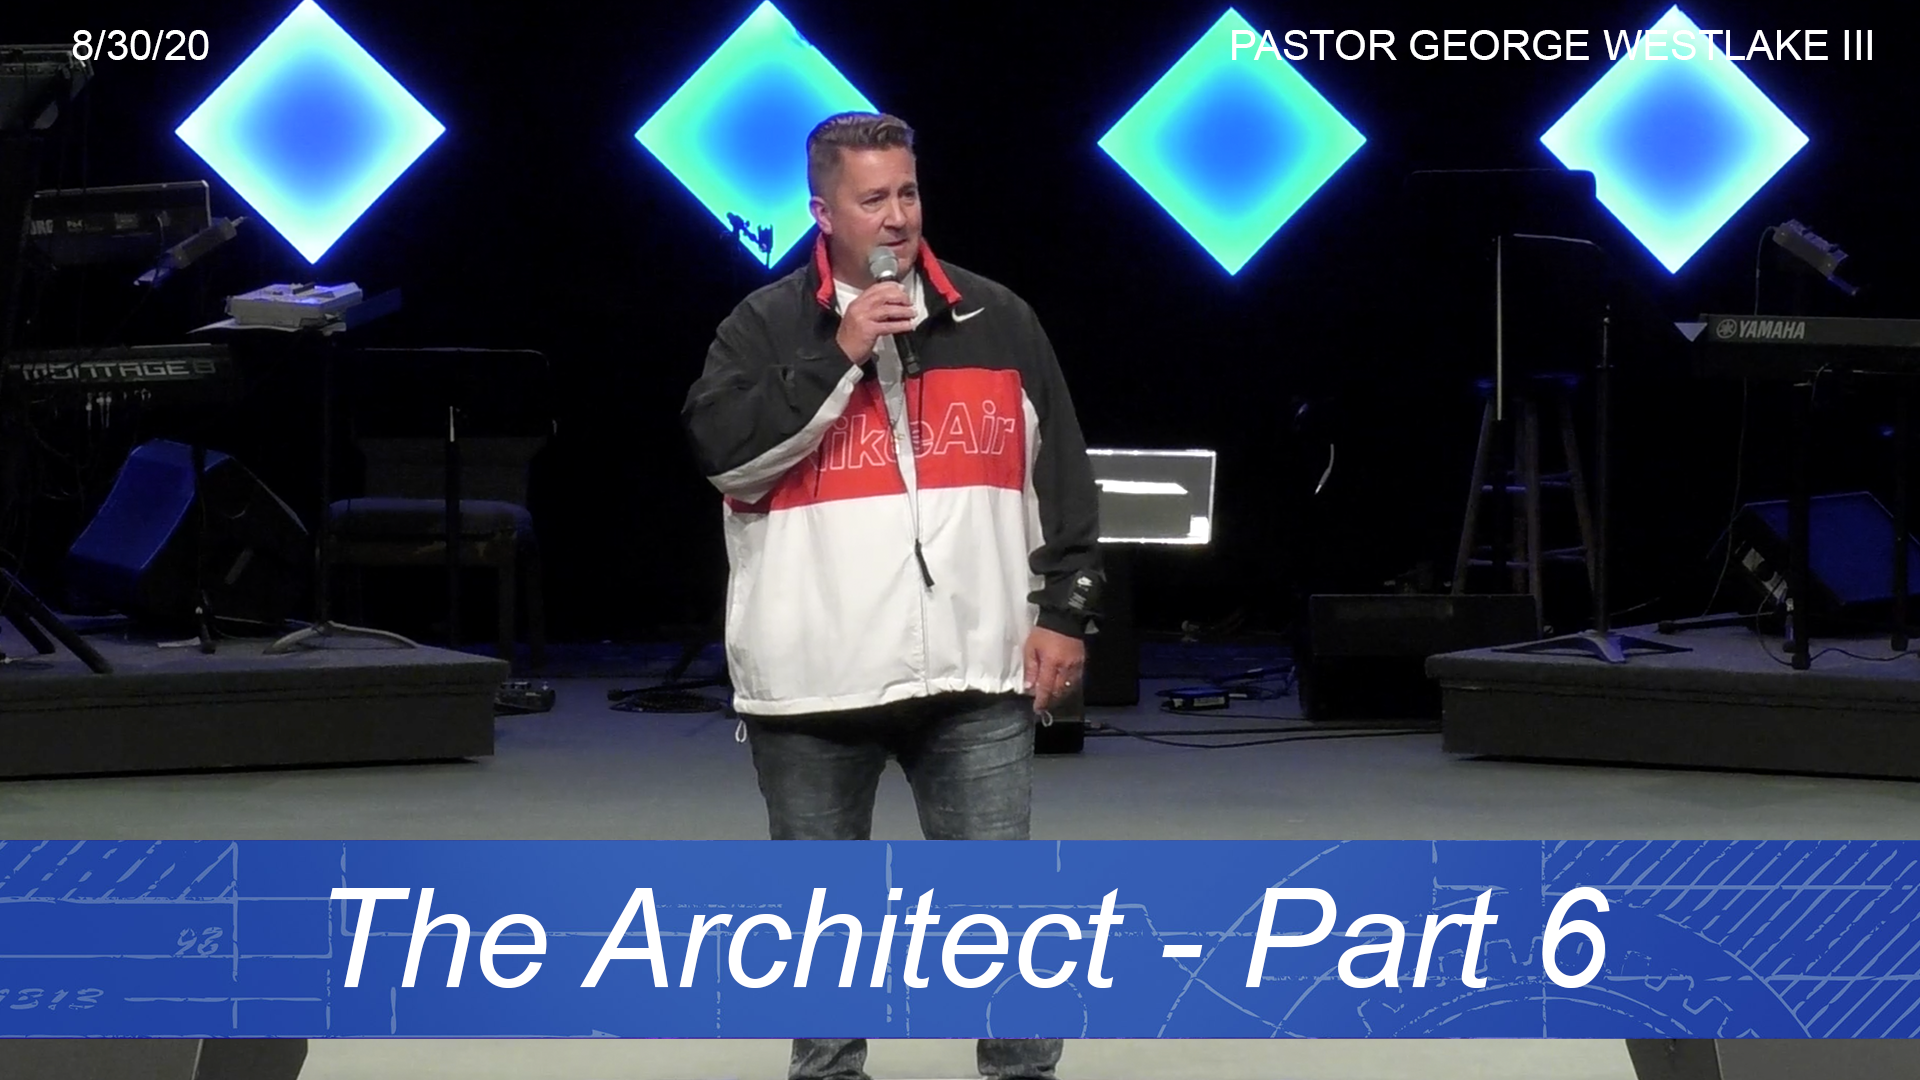 Sunday 8/30/20 | The Architect – Part 6